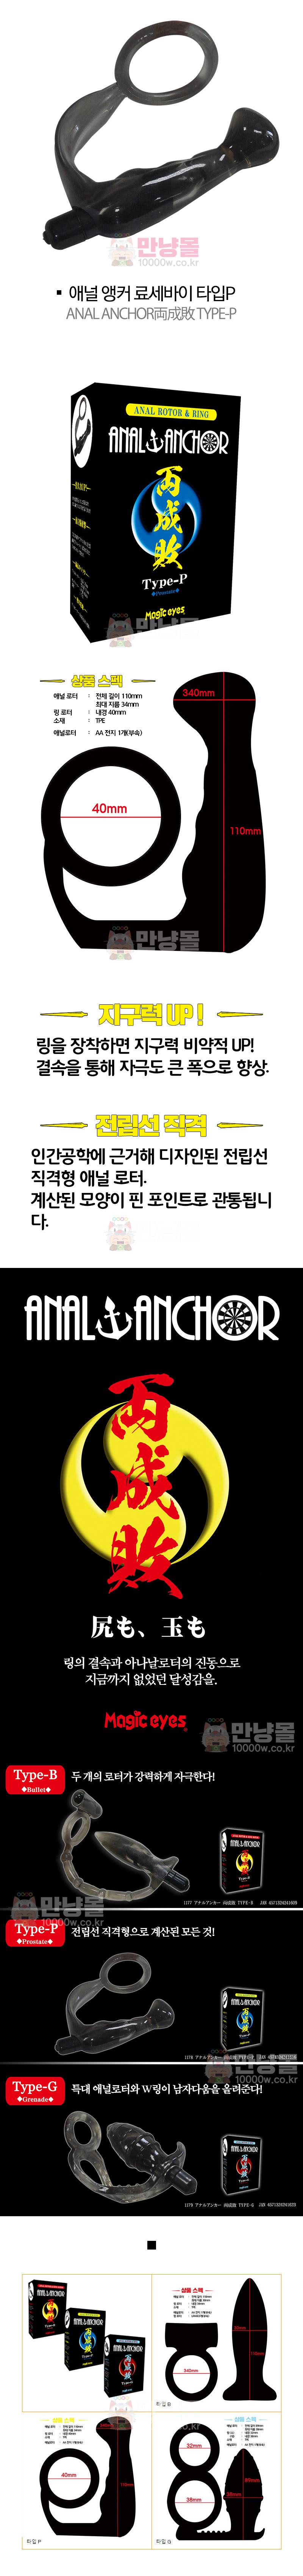 매직아이즈 애널 앵커 료세바이 타입 P